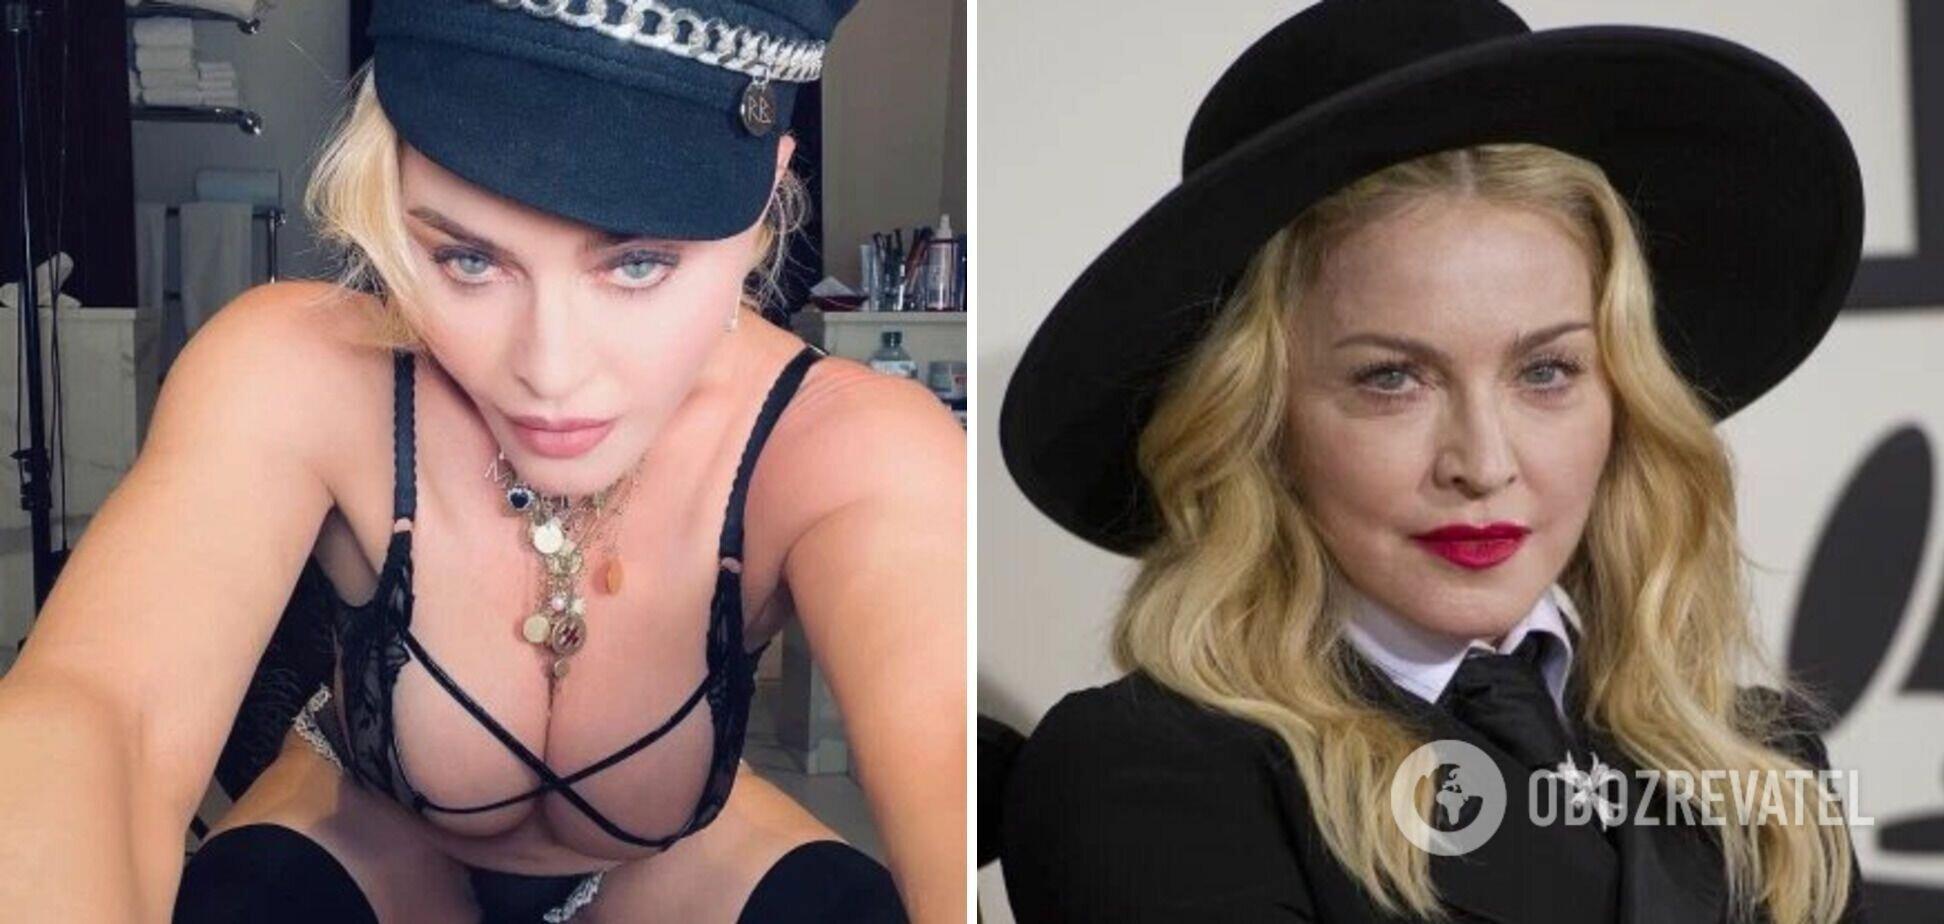 В соцсетях Мадонна иногда предстает в очень откровенных образах